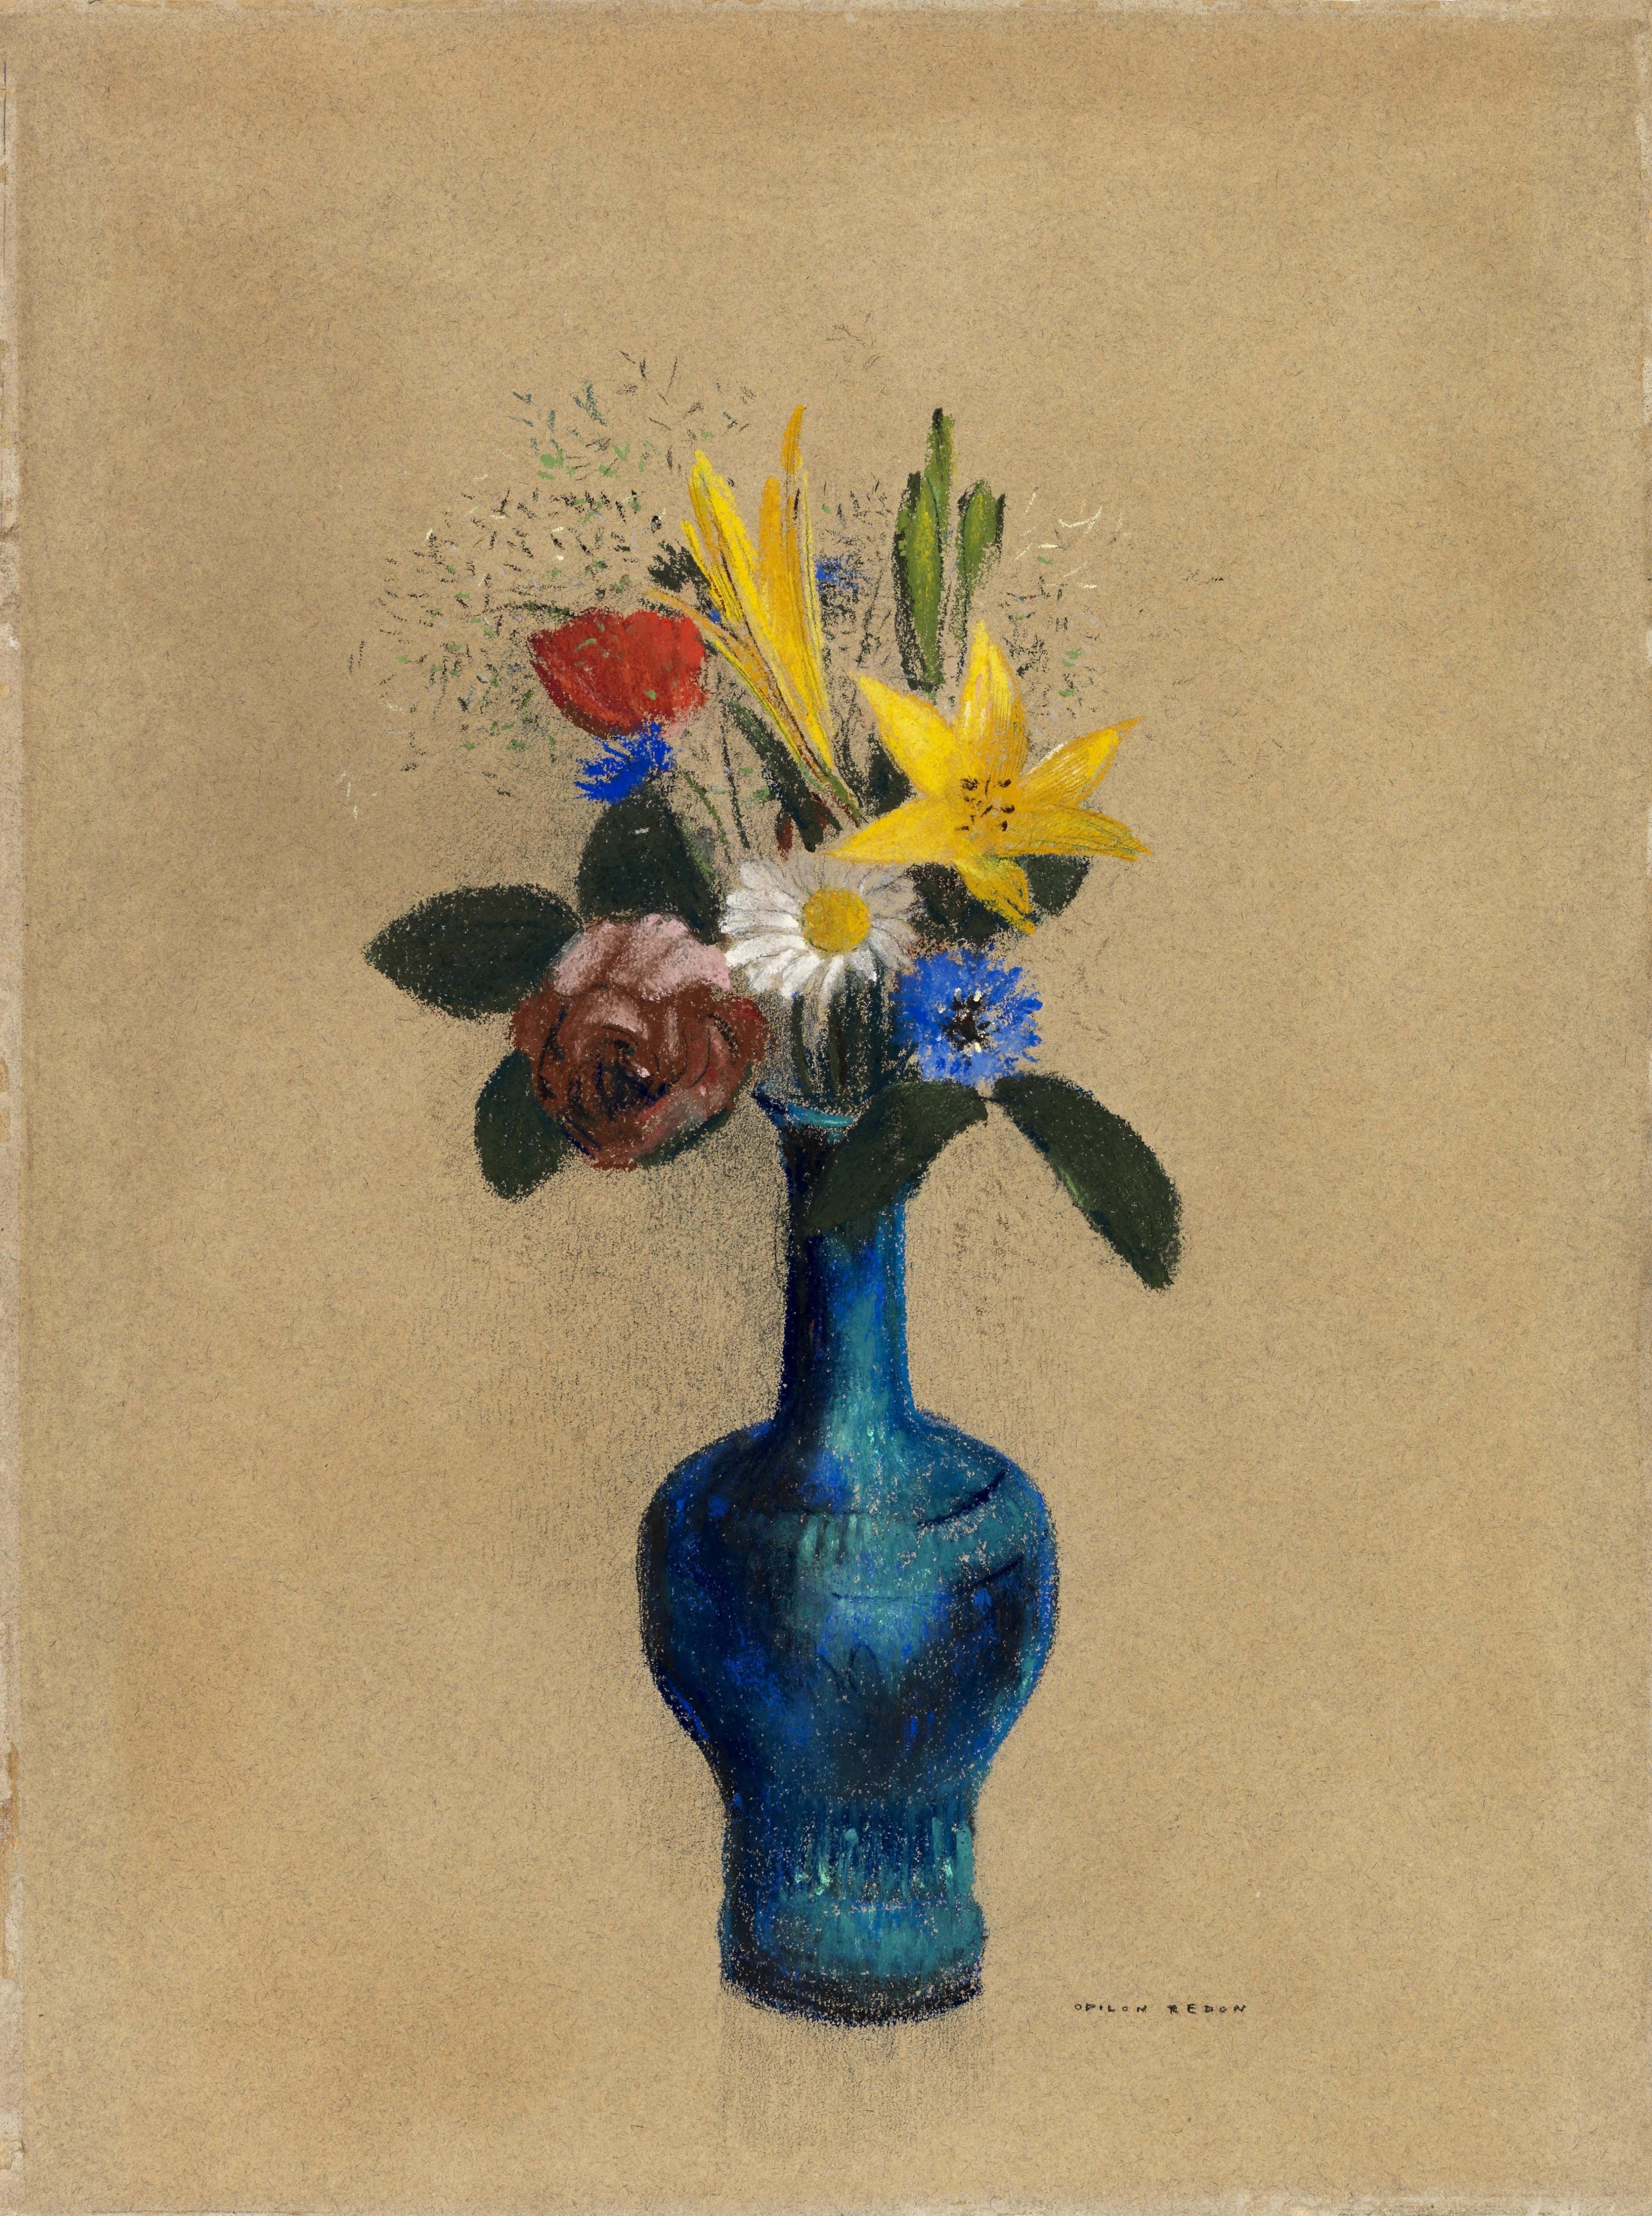 odilon redon vase of flowers of lesmeubles vase pour une fleur lesmeubles pertaining to galerie michael haas odilon redon bouquet de fleurs dans un vase bleu ca 1900